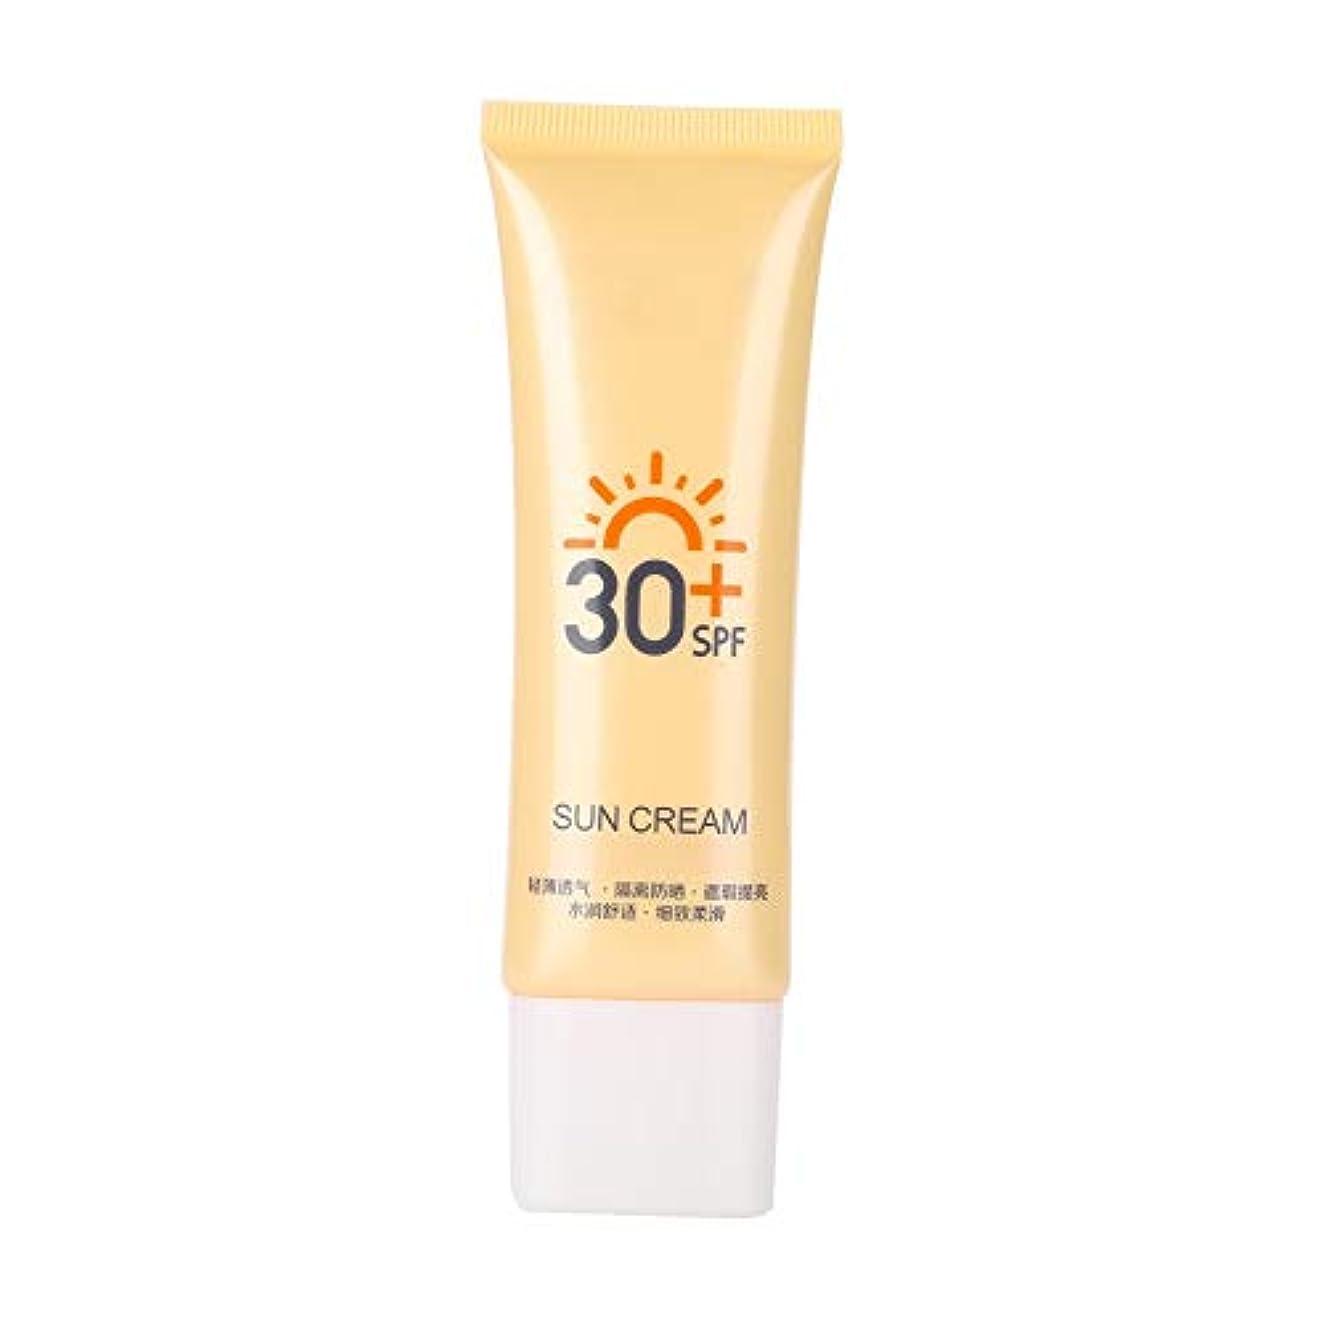 有効覆す安心させるSemme日焼け止めクリーム、日焼け止めクリーム40グラム日焼け止めクリームSPF30 + uv日焼け止めブライトニング防水クリーム